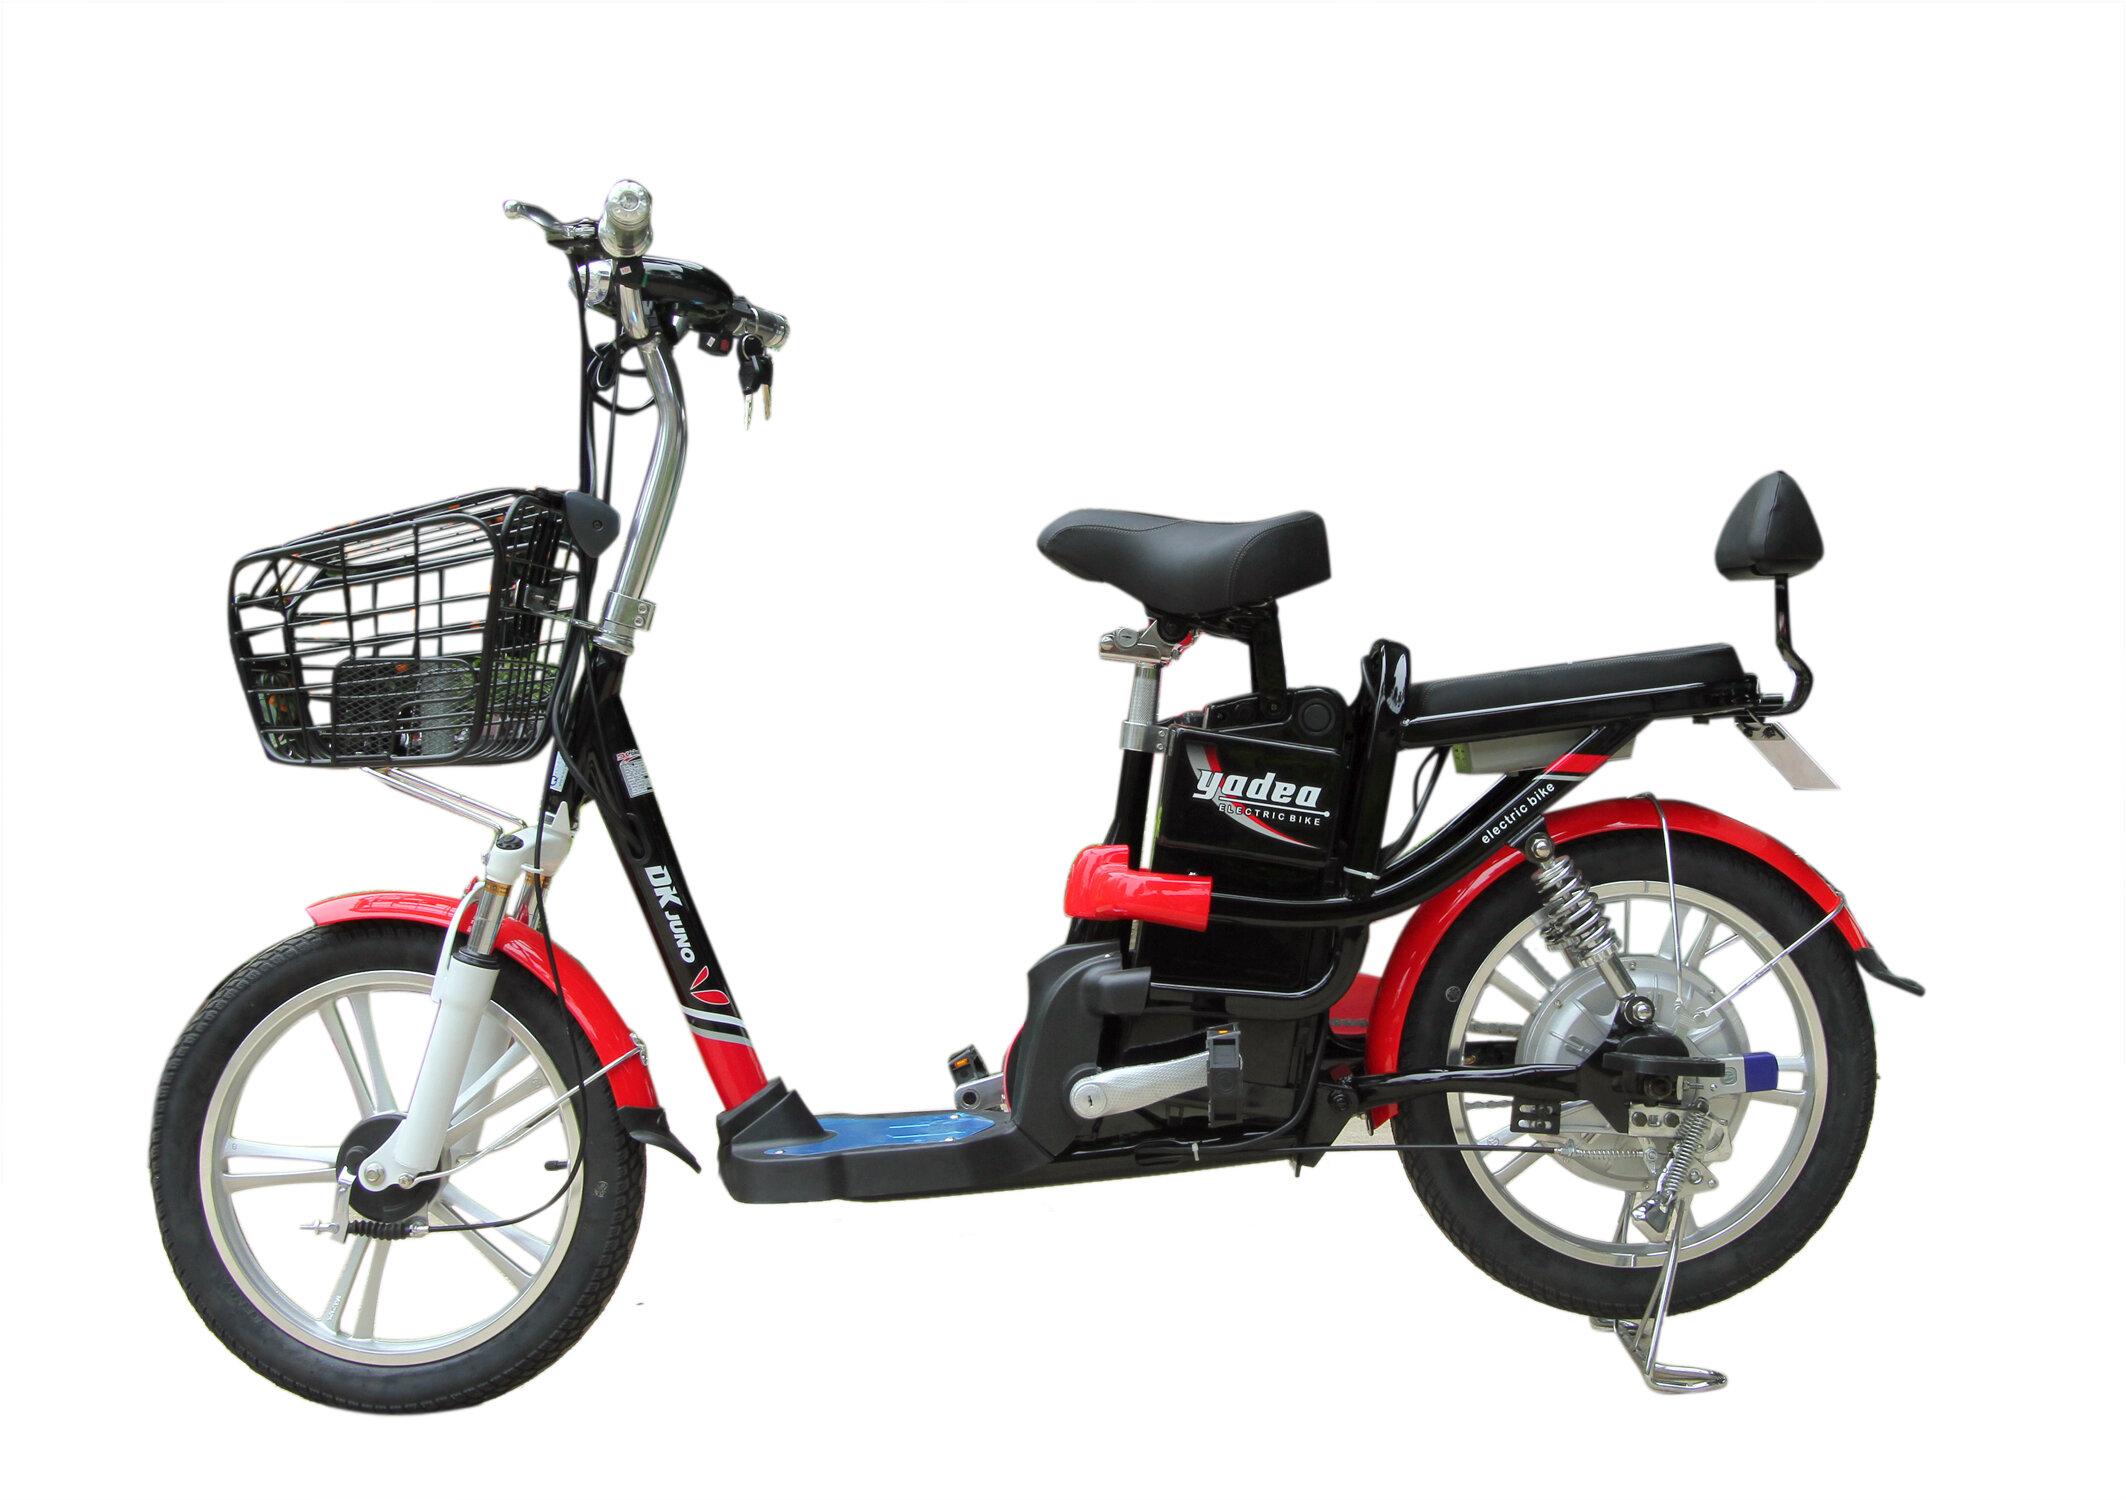 Xe đạp điện kích thước nhỏ gọn, phù hợp cho học sinh